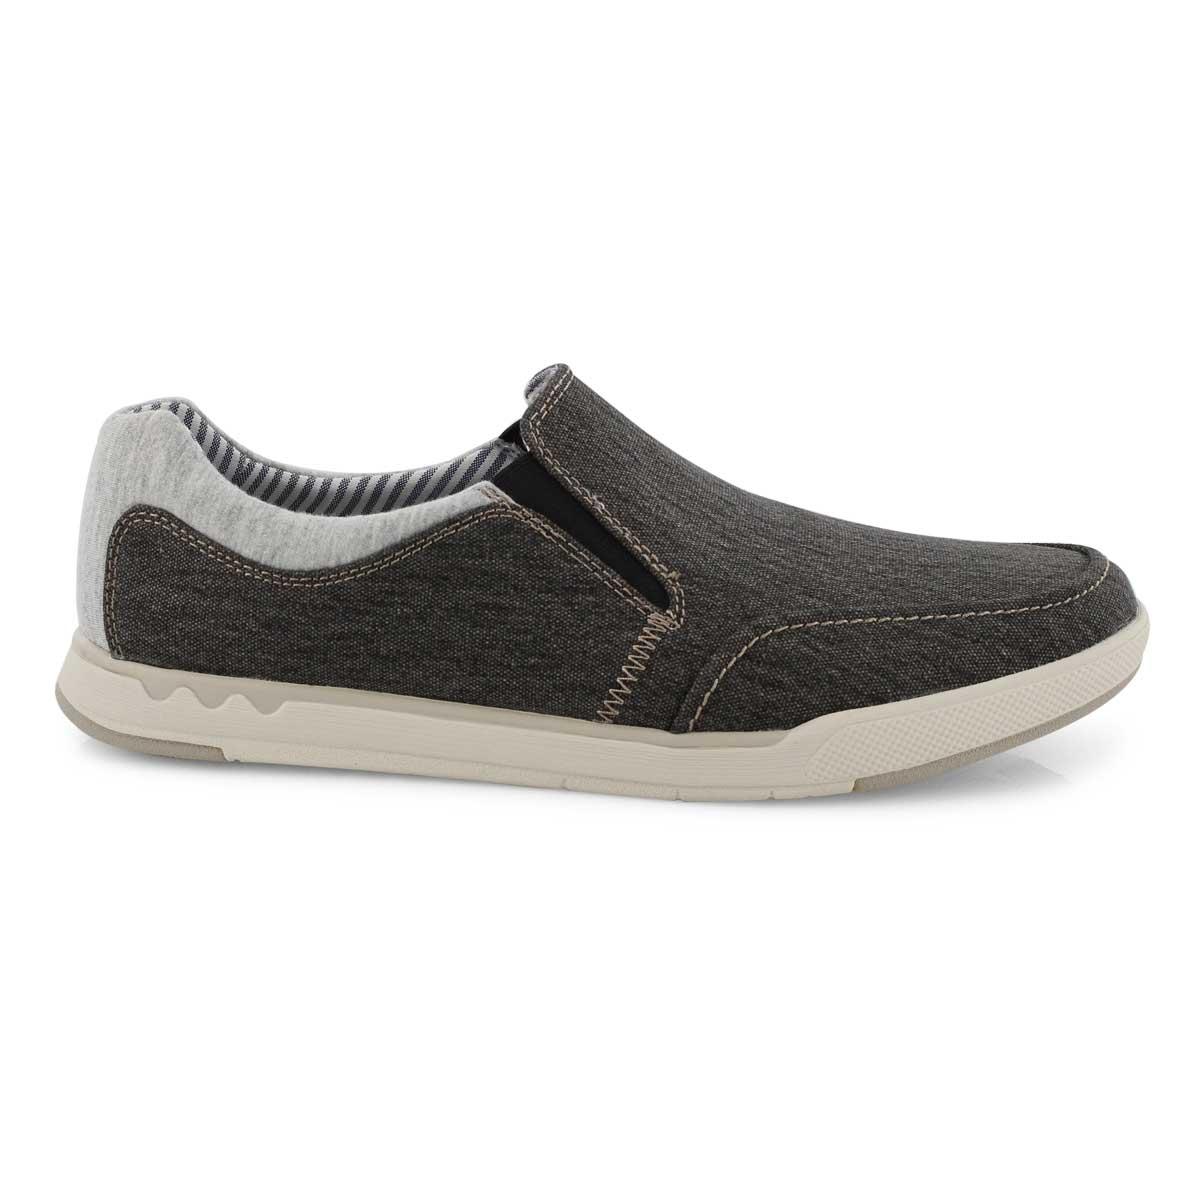 Clarks-Men-039-s-Step-Isle-Slip-Casual-Shoe thumbnail 10